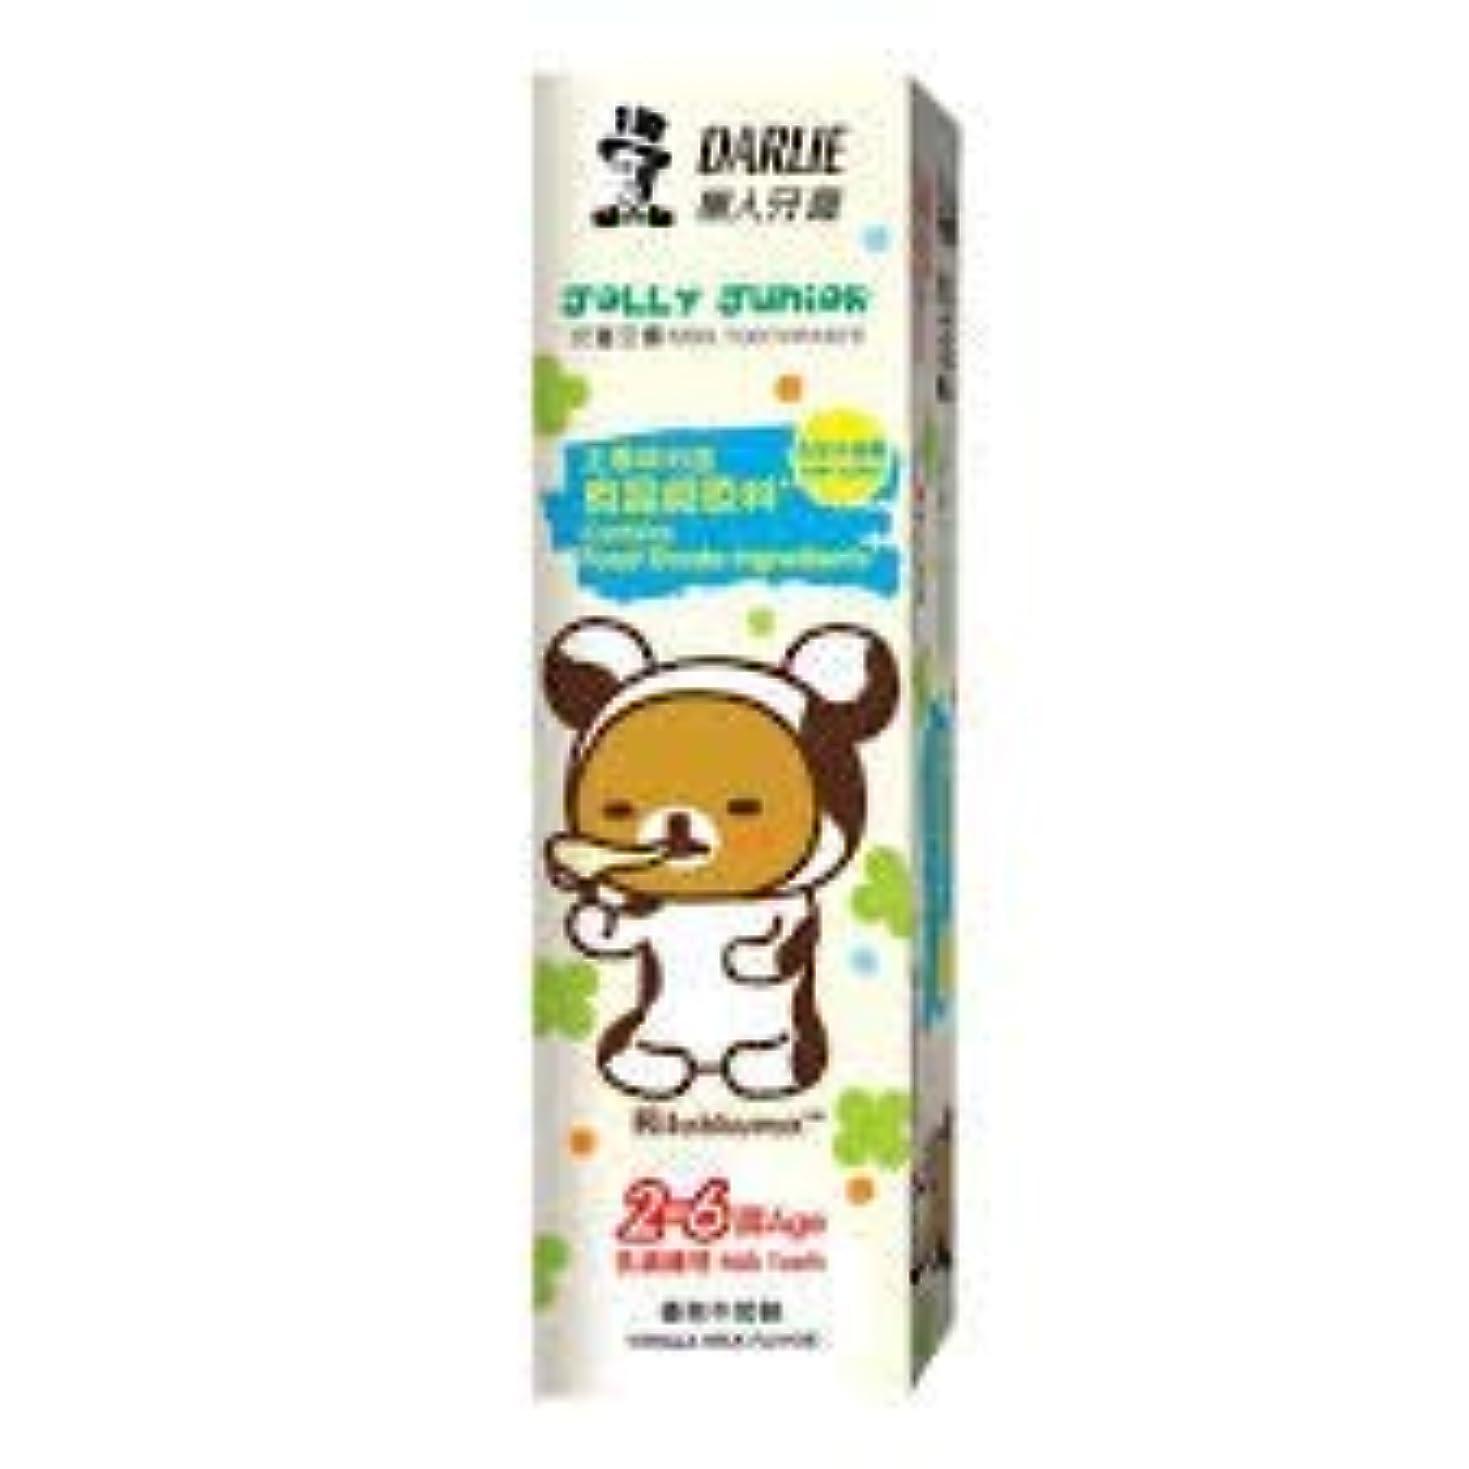 発症クリップ代わりにを立てるDARLIE ハッピーティーンエイジャーの歯磨き粉2-6歳歯磨き粉60グラムバニラミルクは - 虫歯を防ぐためにキシリトールを含む、ミルクの歯と準備して子供たちに仕出し料理されます